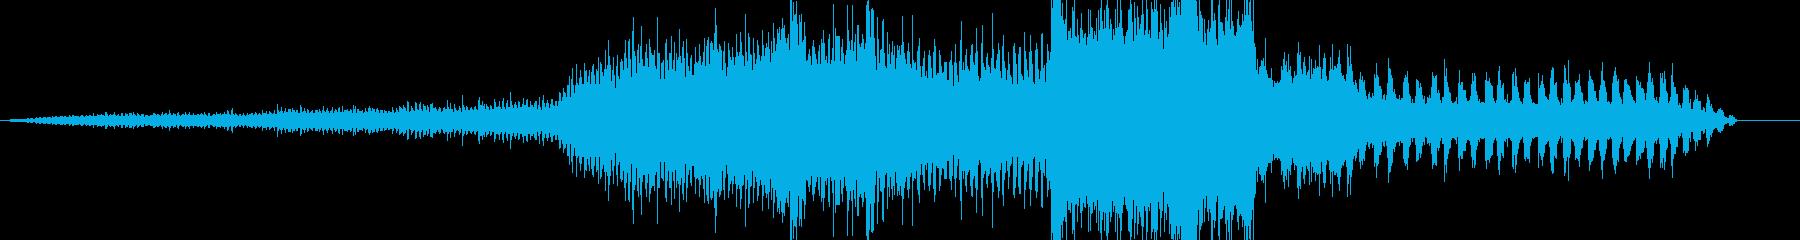 蒸気の放出とブレーキ音で止まる蒸気列車の再生済みの波形